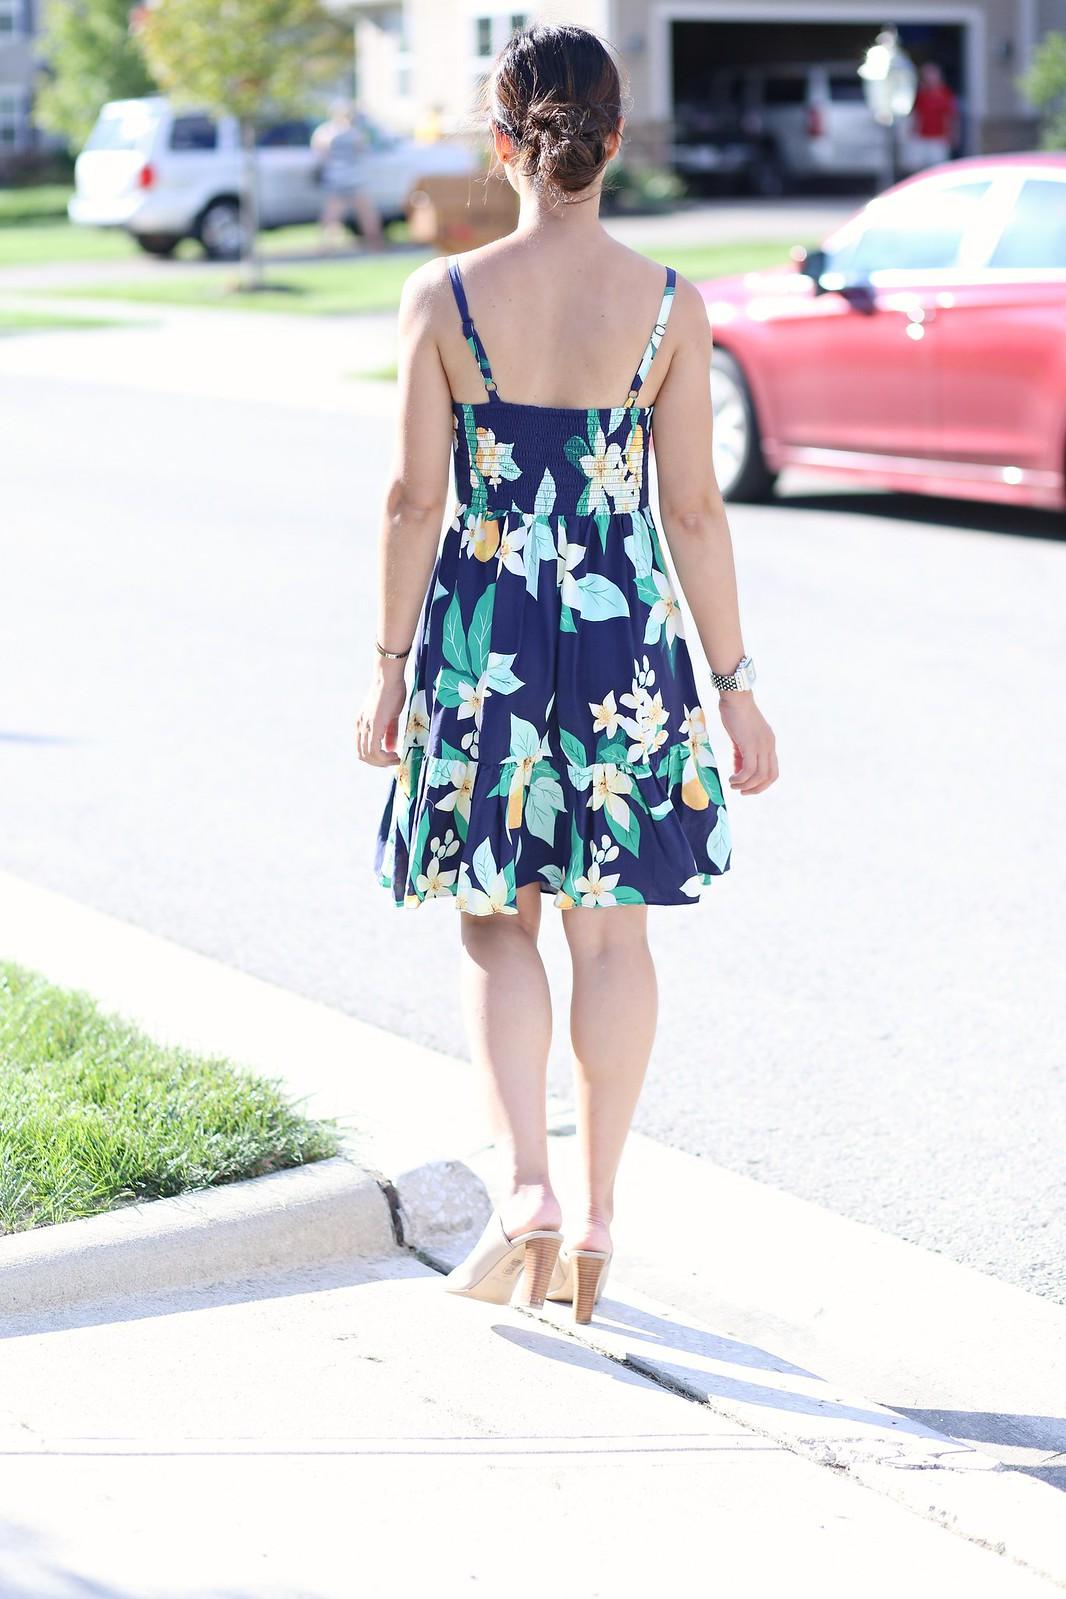 OutfitsUnder$10_SydneysFashionDiary